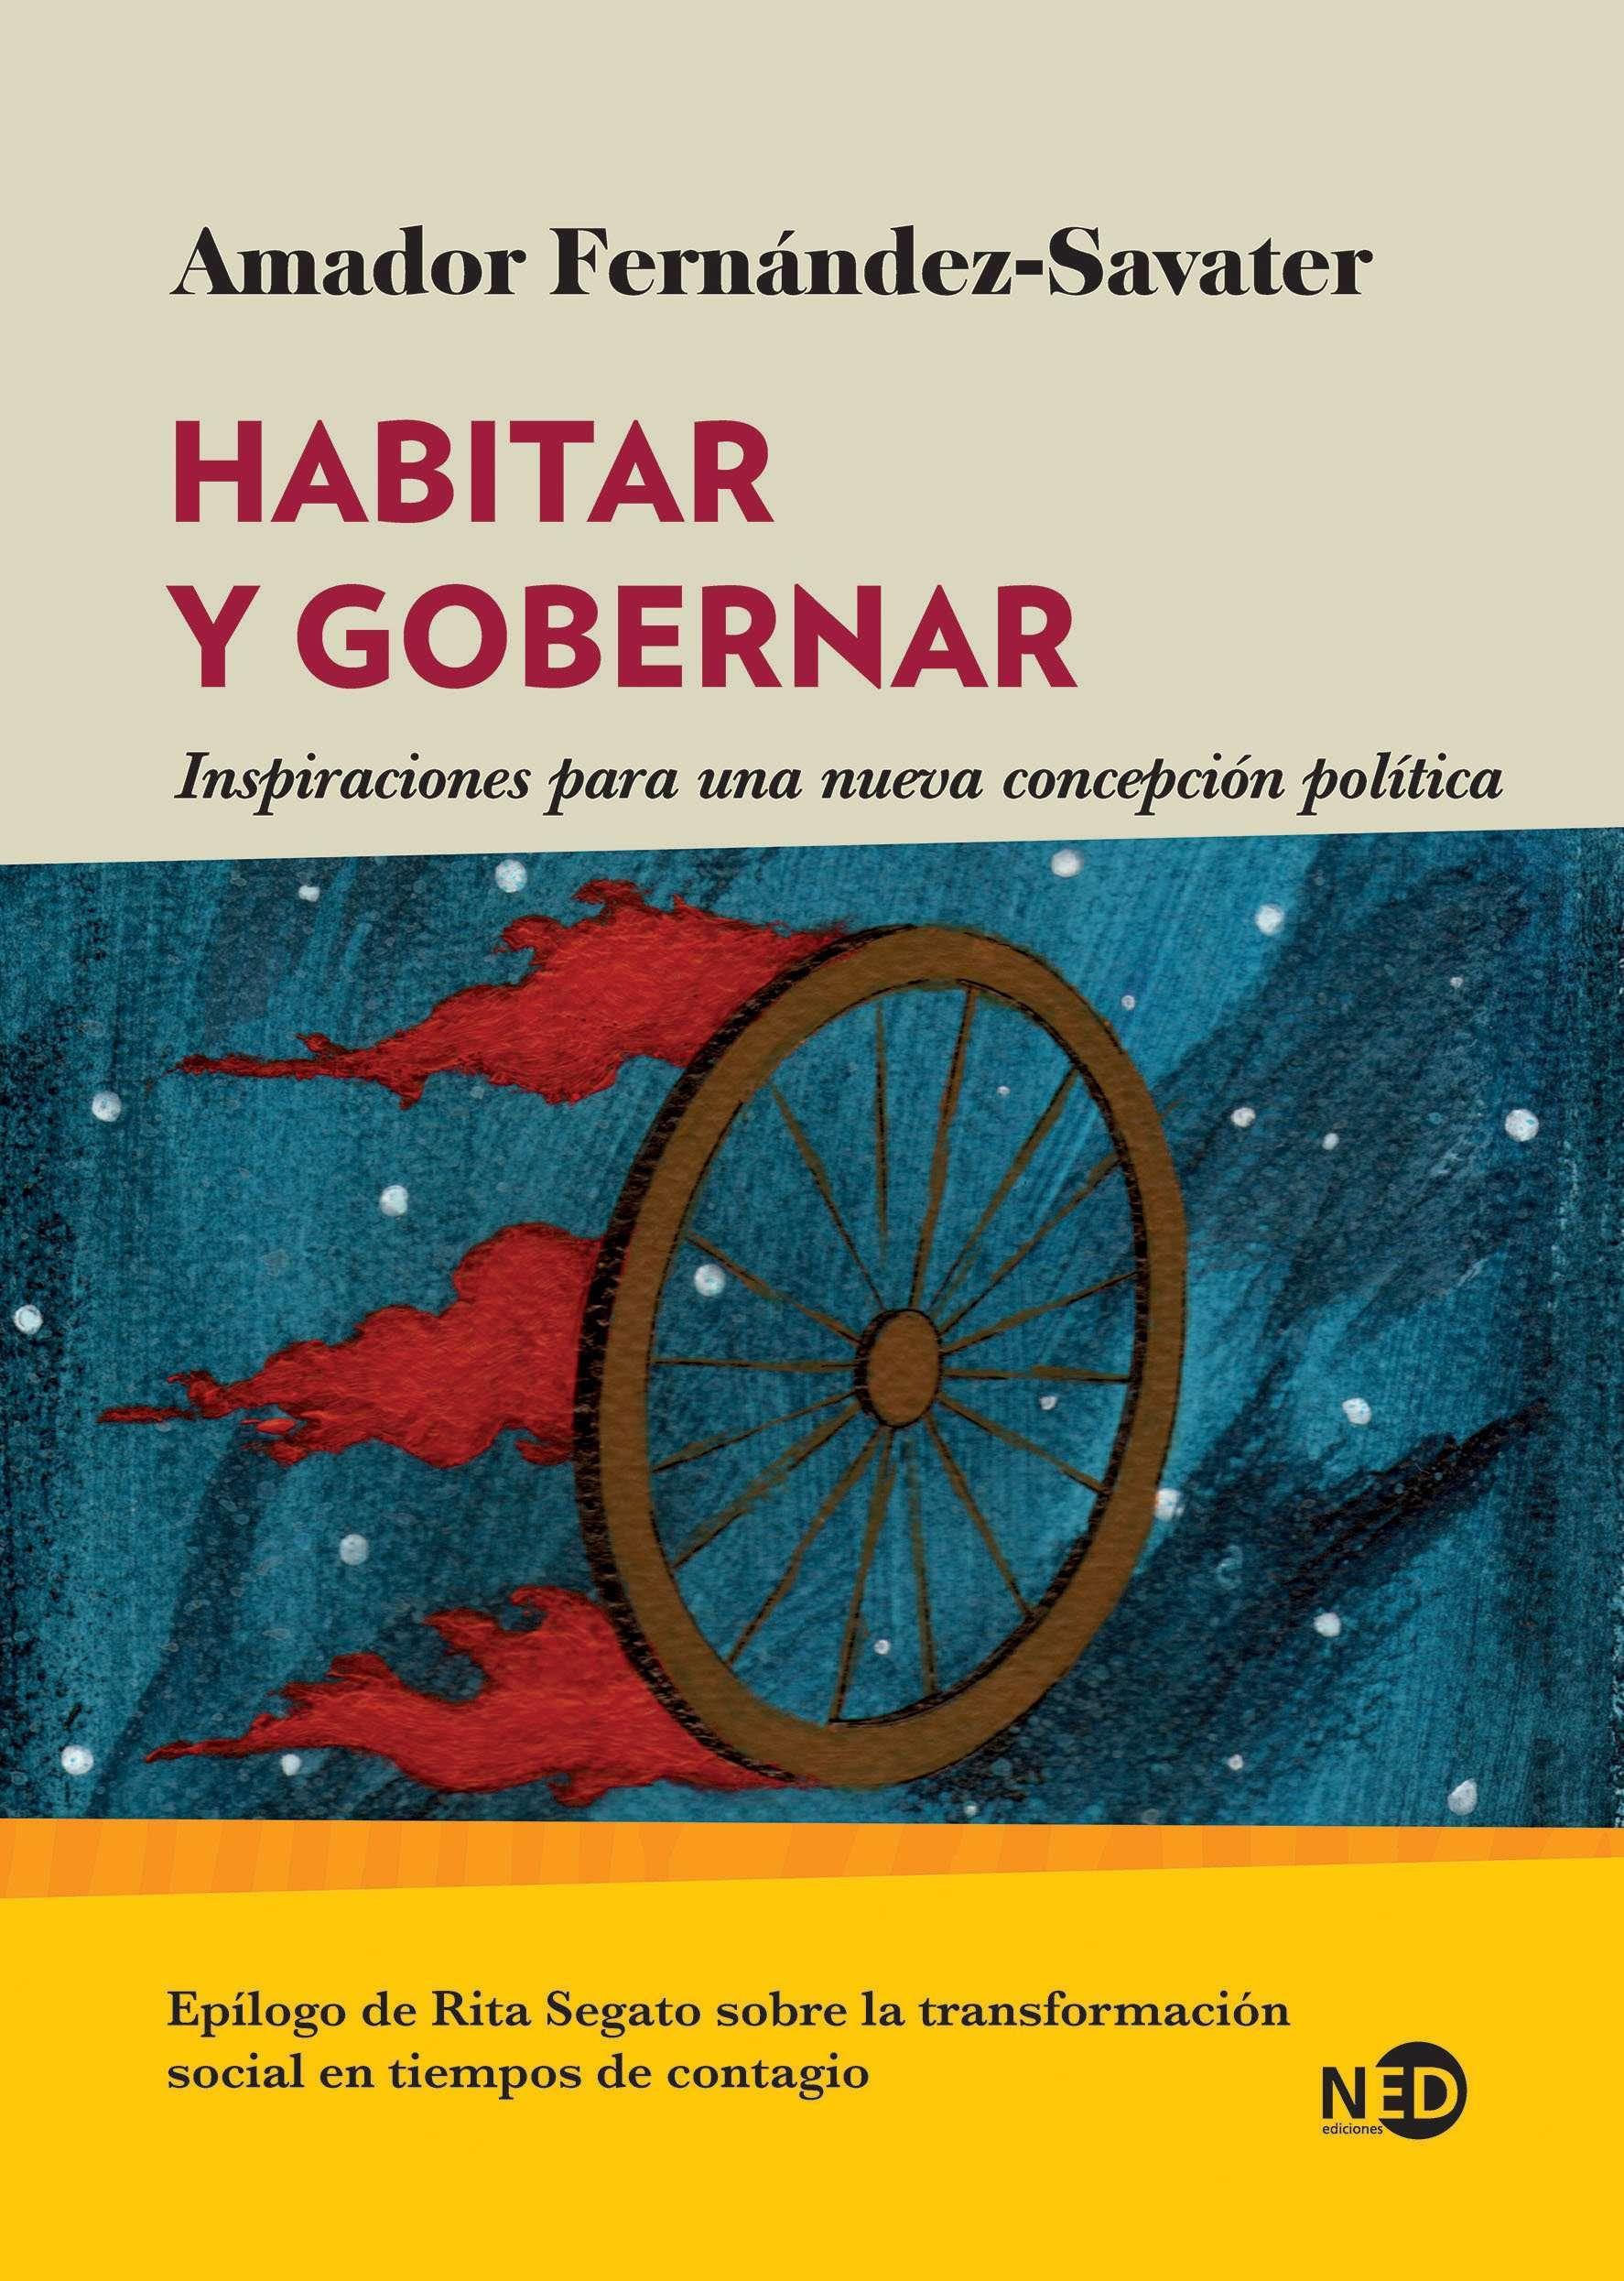 Conferencia sobre Habitar y Gobernar en Bilbao